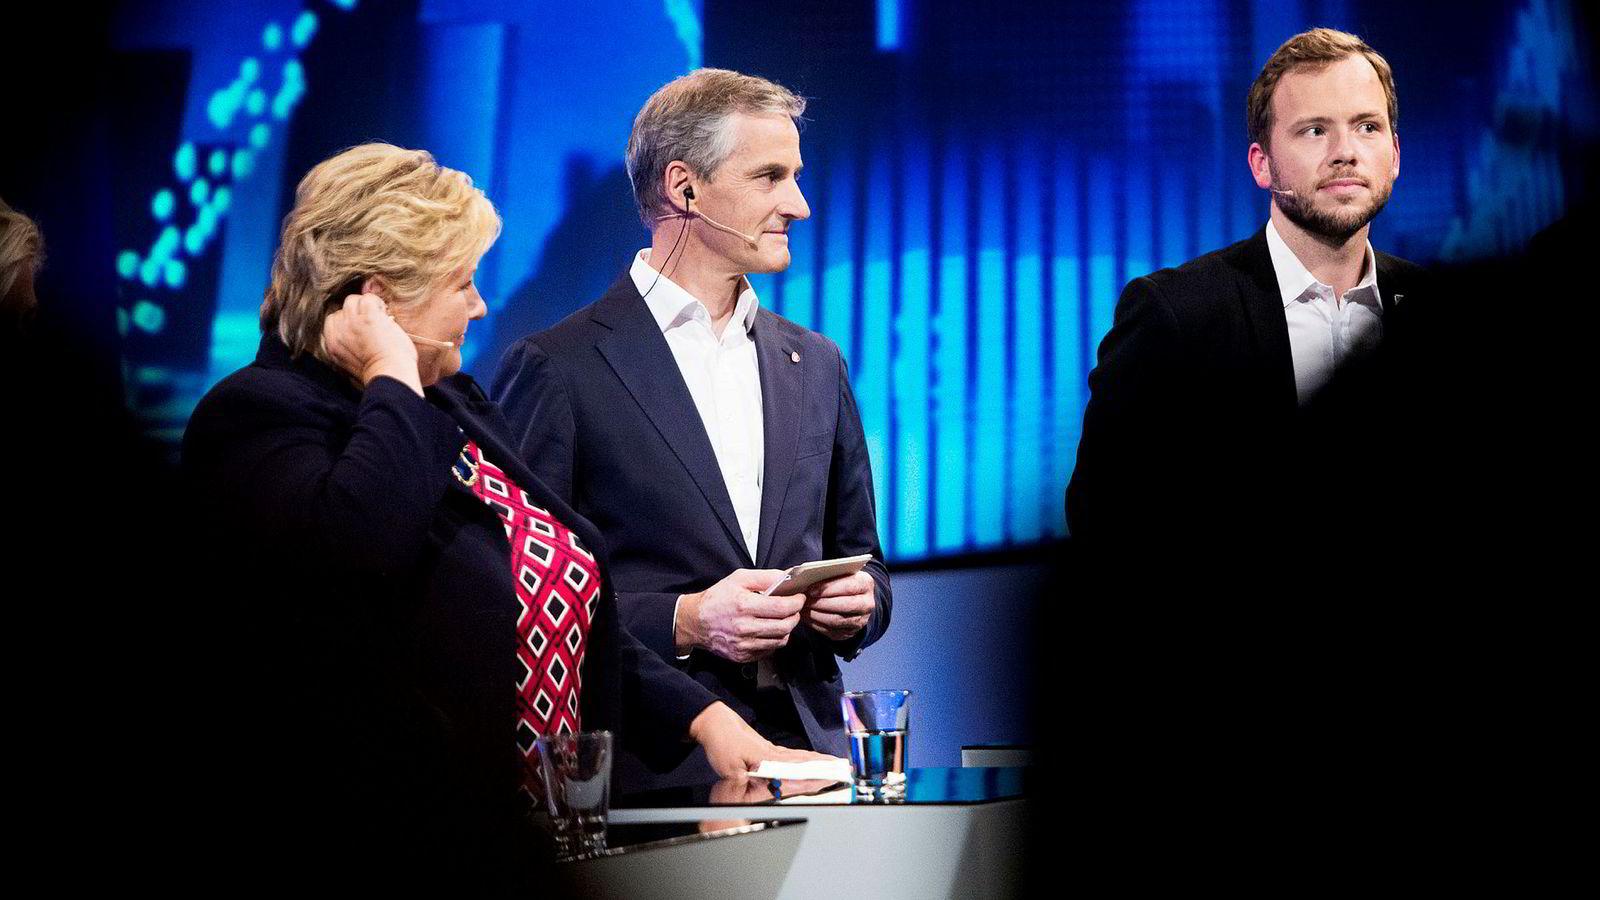 Statsminister Erna Solberg (H) kutter skatt, partileder Jonas Gahr Støre (Ap) øker pensjon og partileder Audun Lysbakken (SV) øker skatt. Det er fasiten hvis partiene fikk gjennomført programmene sine.